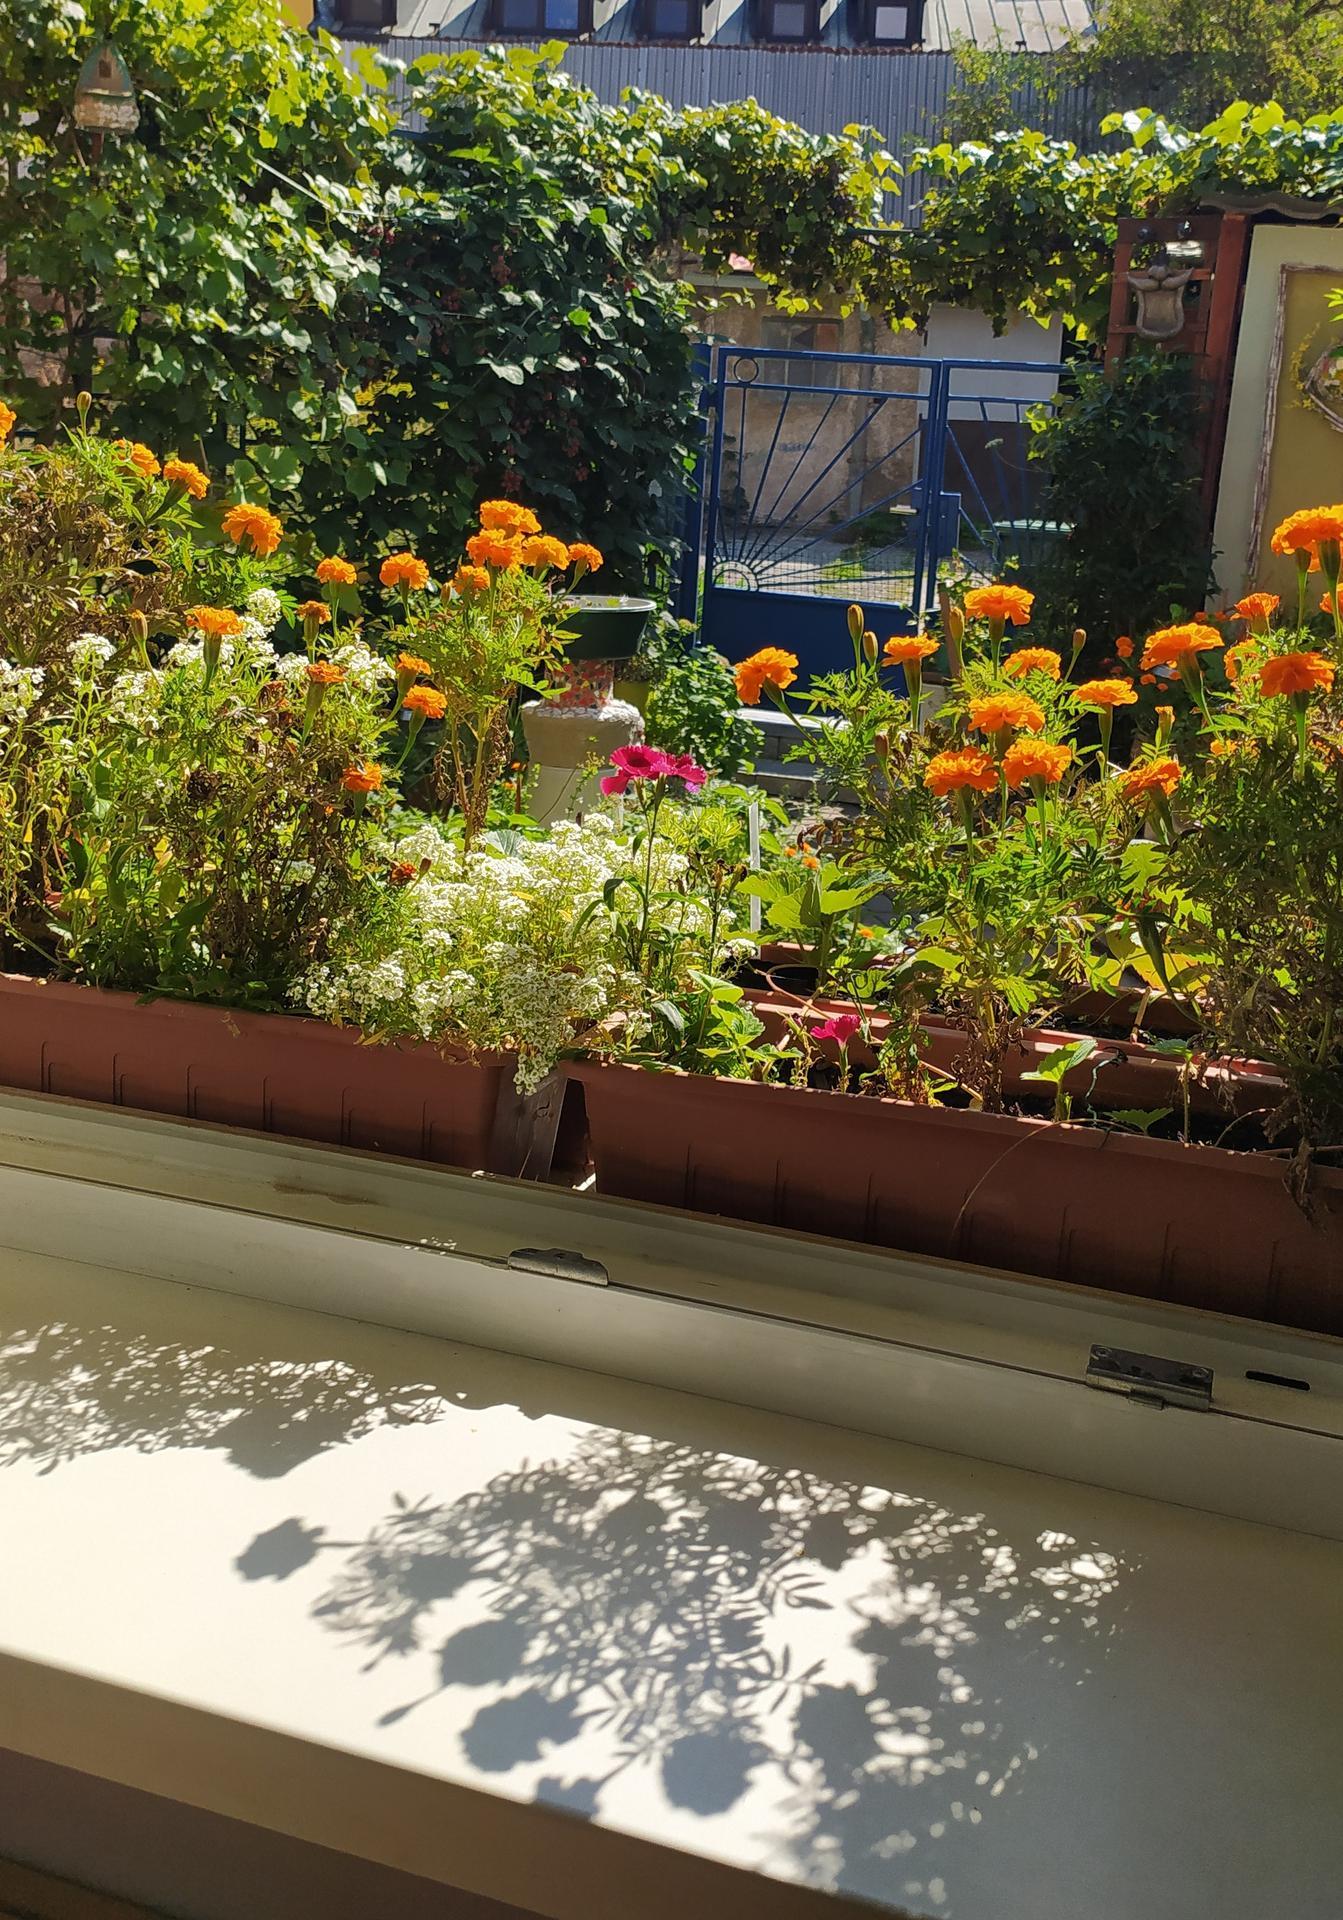 Moja záhradka,moja radosť,relax. - Obrázok č. 7